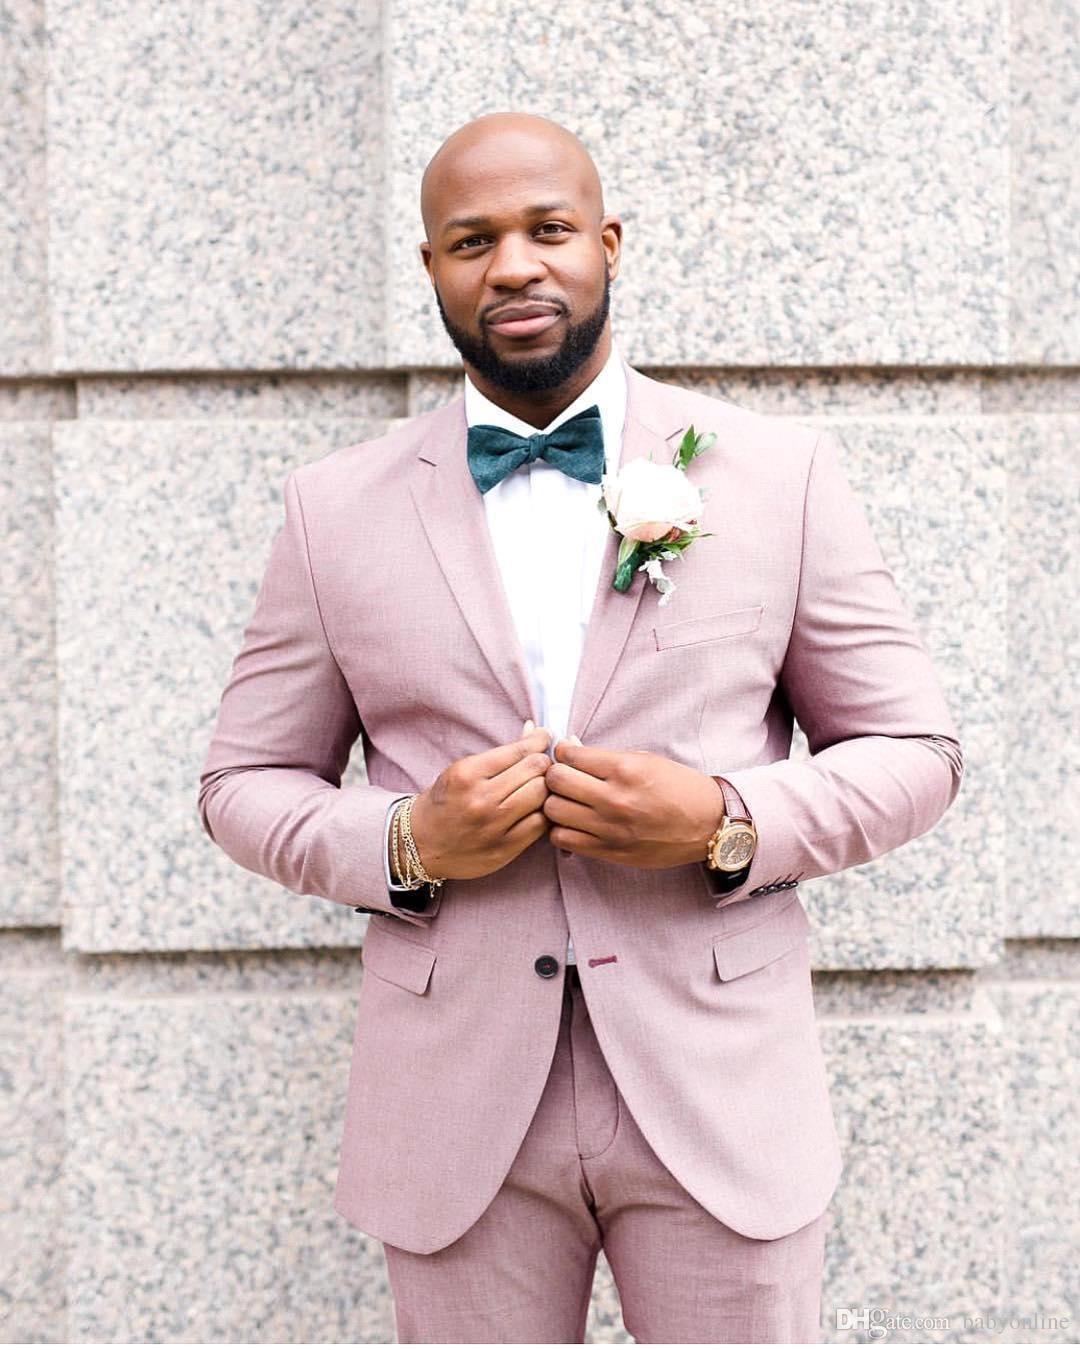 الوردي العريس البدلات الرسمية رفقاء العريس الشق التلبيب أفضل رجل بدلة الزفاف الرجال السترة الدعاوى العرف (سترة + بنطلون)